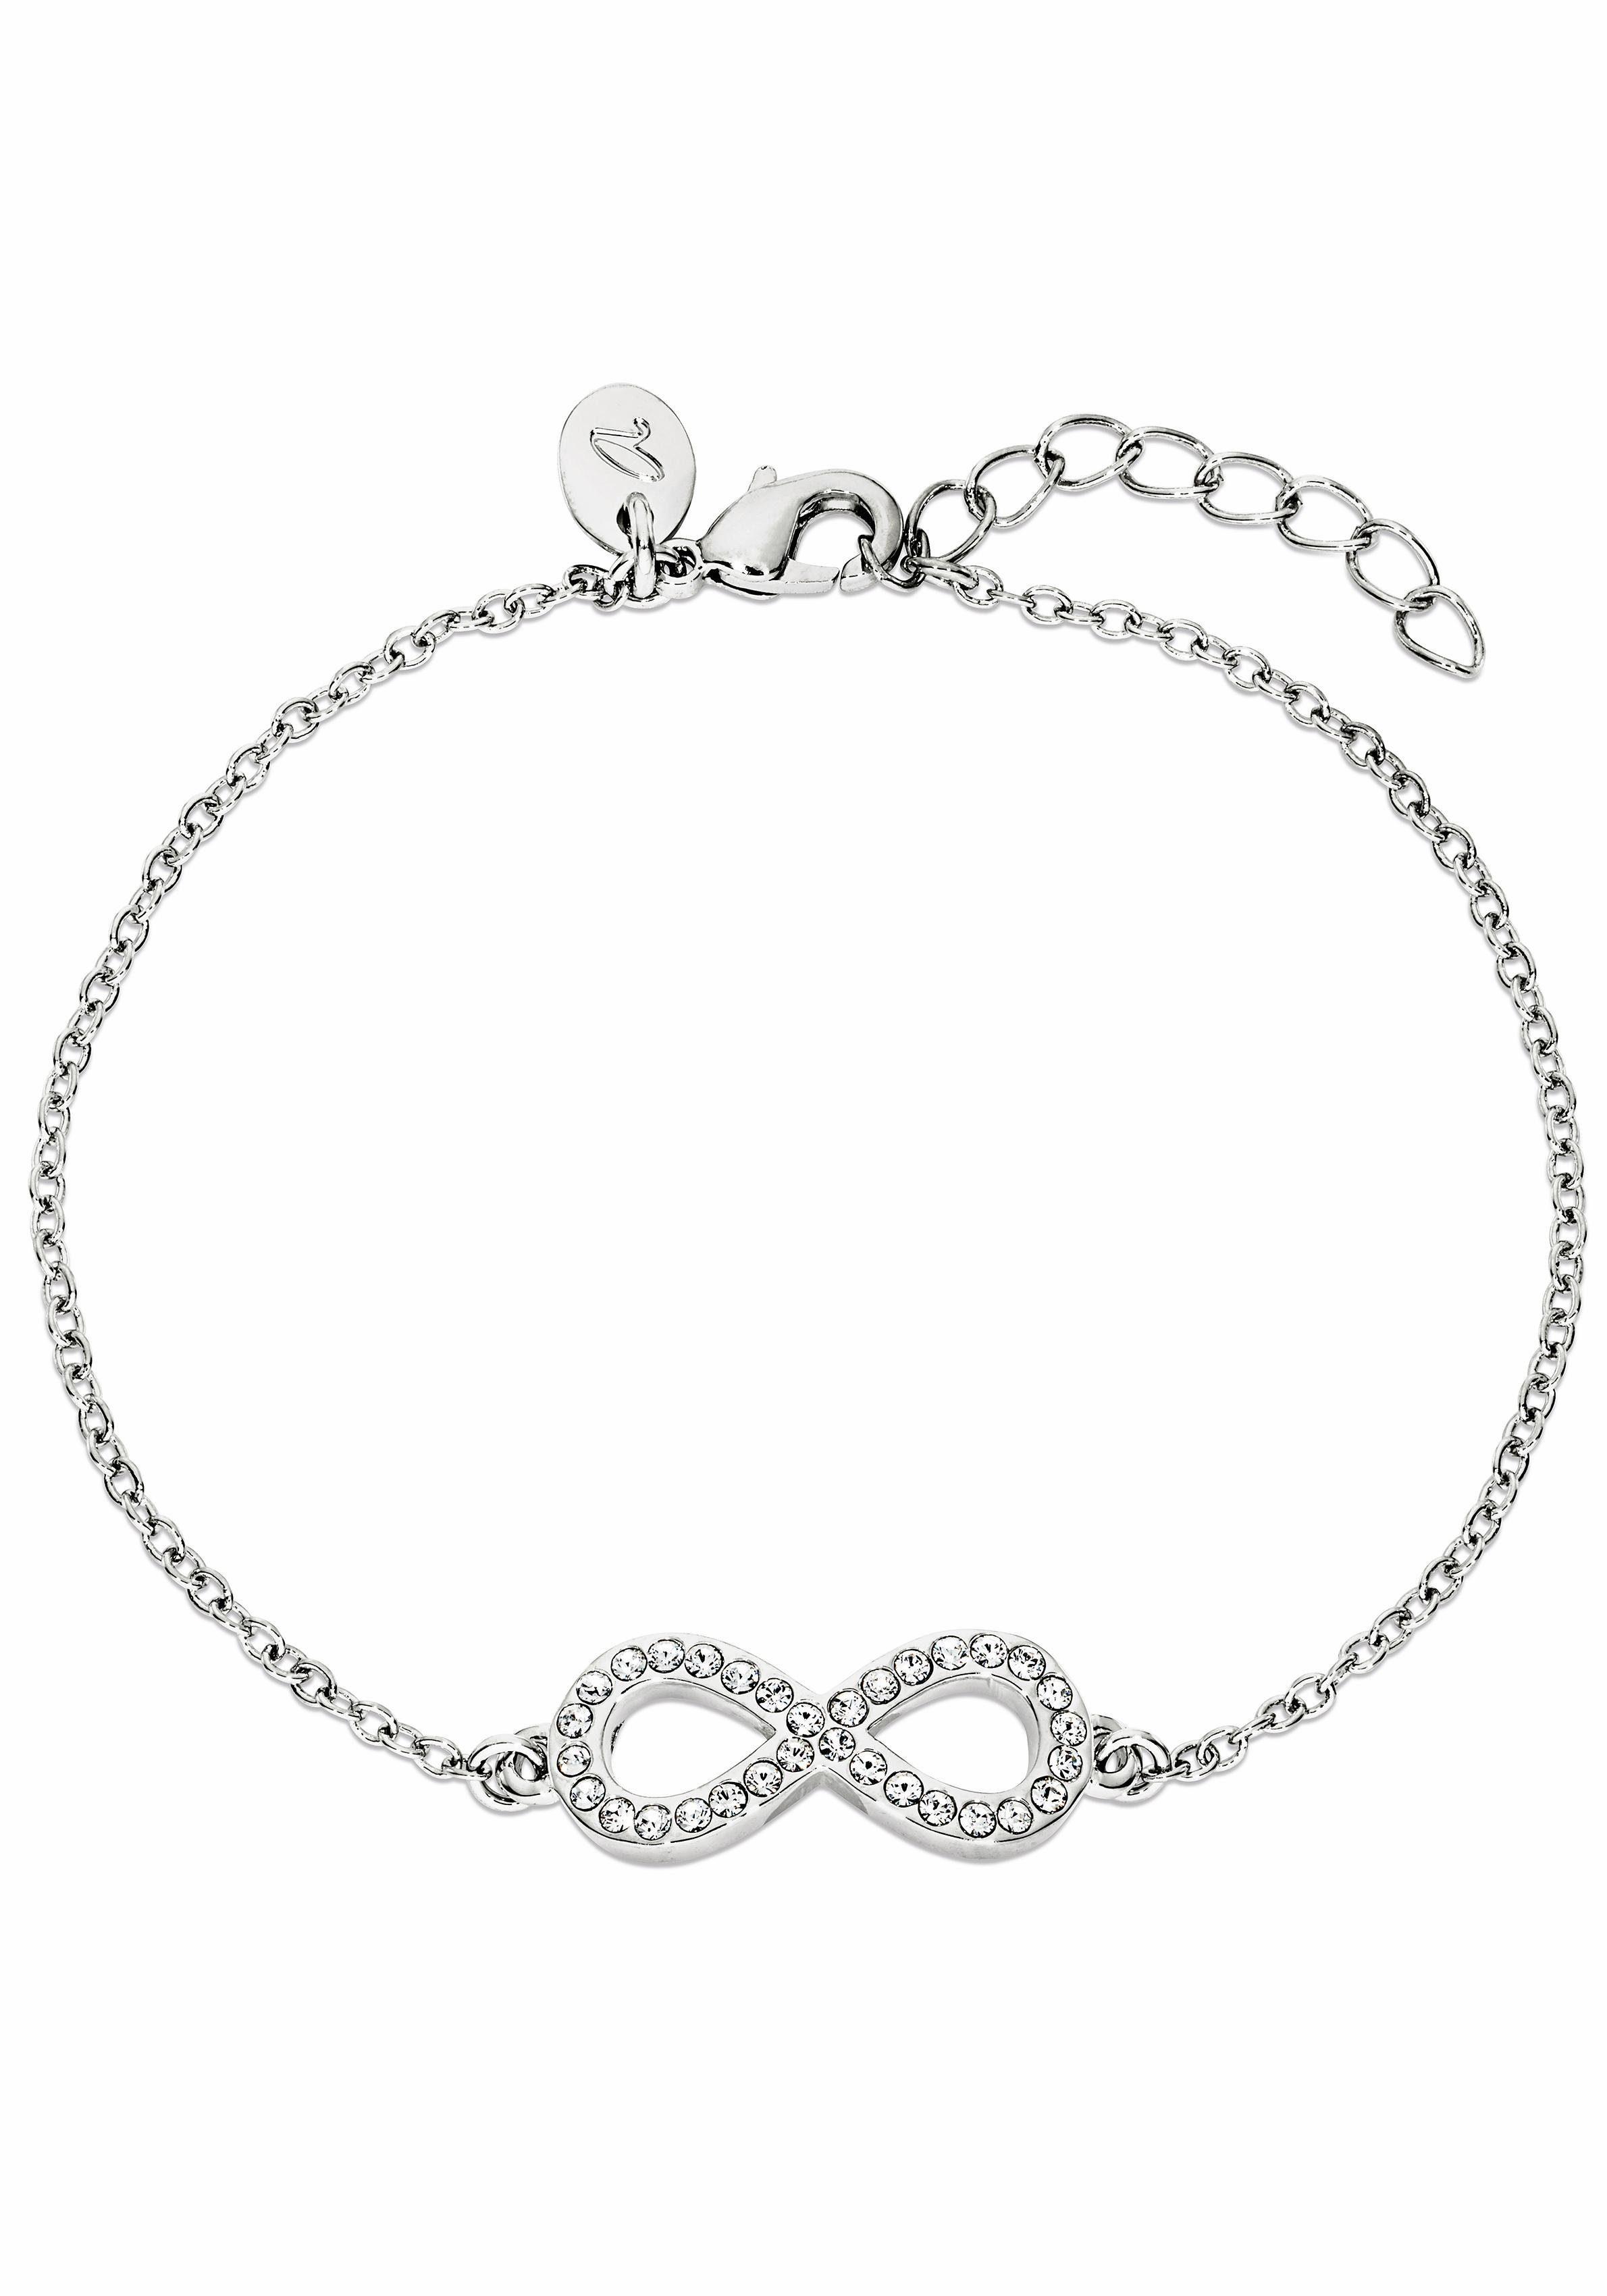 Noelani Armband »2018757, Infinity, Unendlichkeit« mit Swarovski® Kristallen